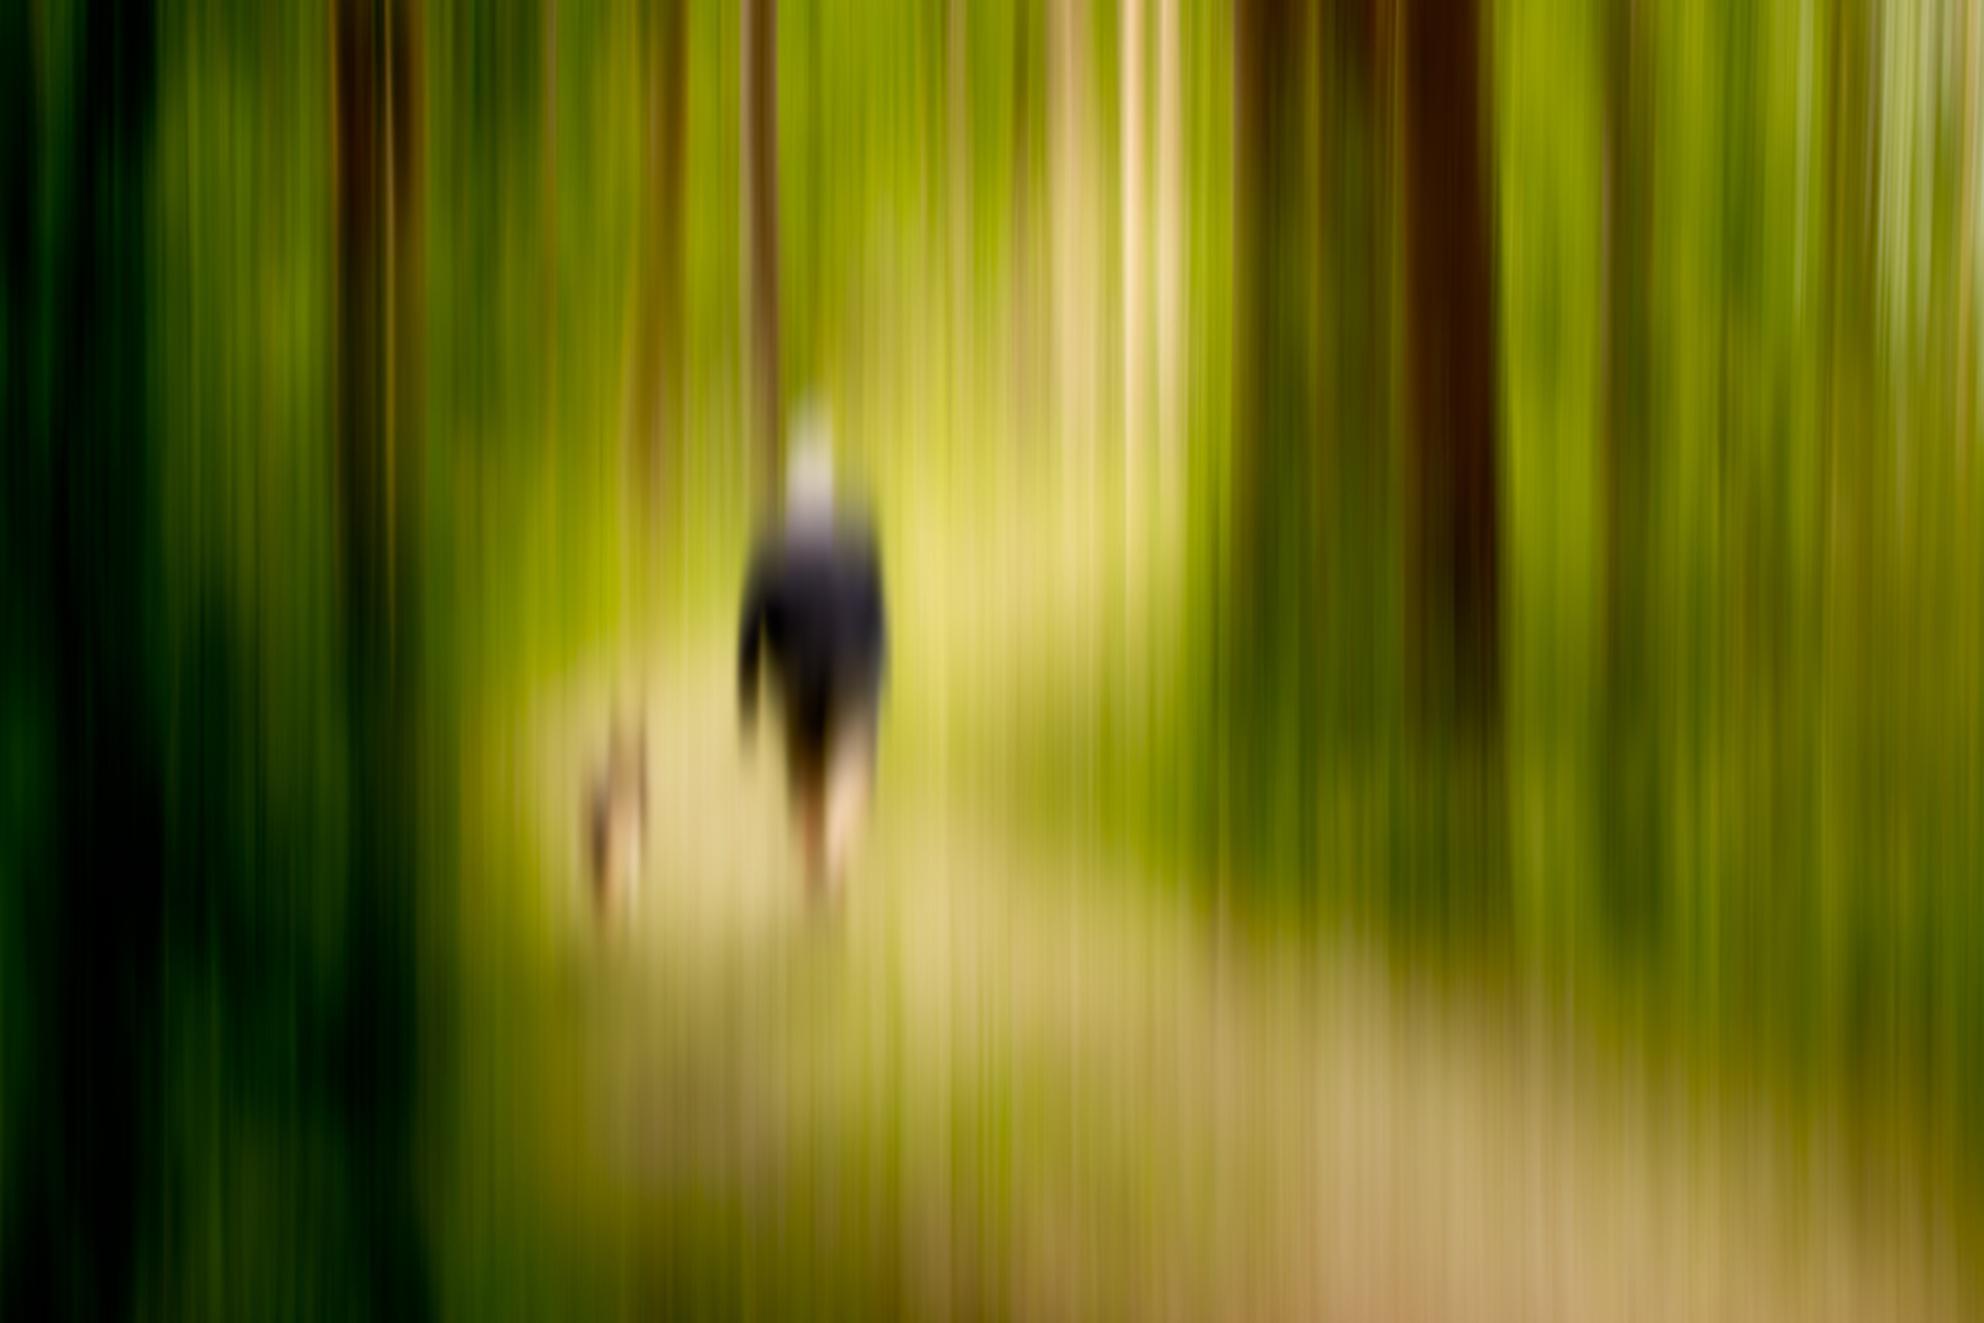 wandelen in het lentebos - lekker de eenzaamheid opzoeken en creatief bezig met fotografie - foto door fotostad op 28-04-2020 - deze foto bevat: abstract, natuur, licht, bewerkt, fantasie, landschap, hond, eenzaam, silhouet, schilderij, bewerking, sfeer, sepia, beweging, contrast, photoshop, creatief, textuur, sprookje, alleen, distance, wandelaar, afstand, bewerkingsopdracht, bewerkingsuitdaging, lange sluitertijd, double exposure